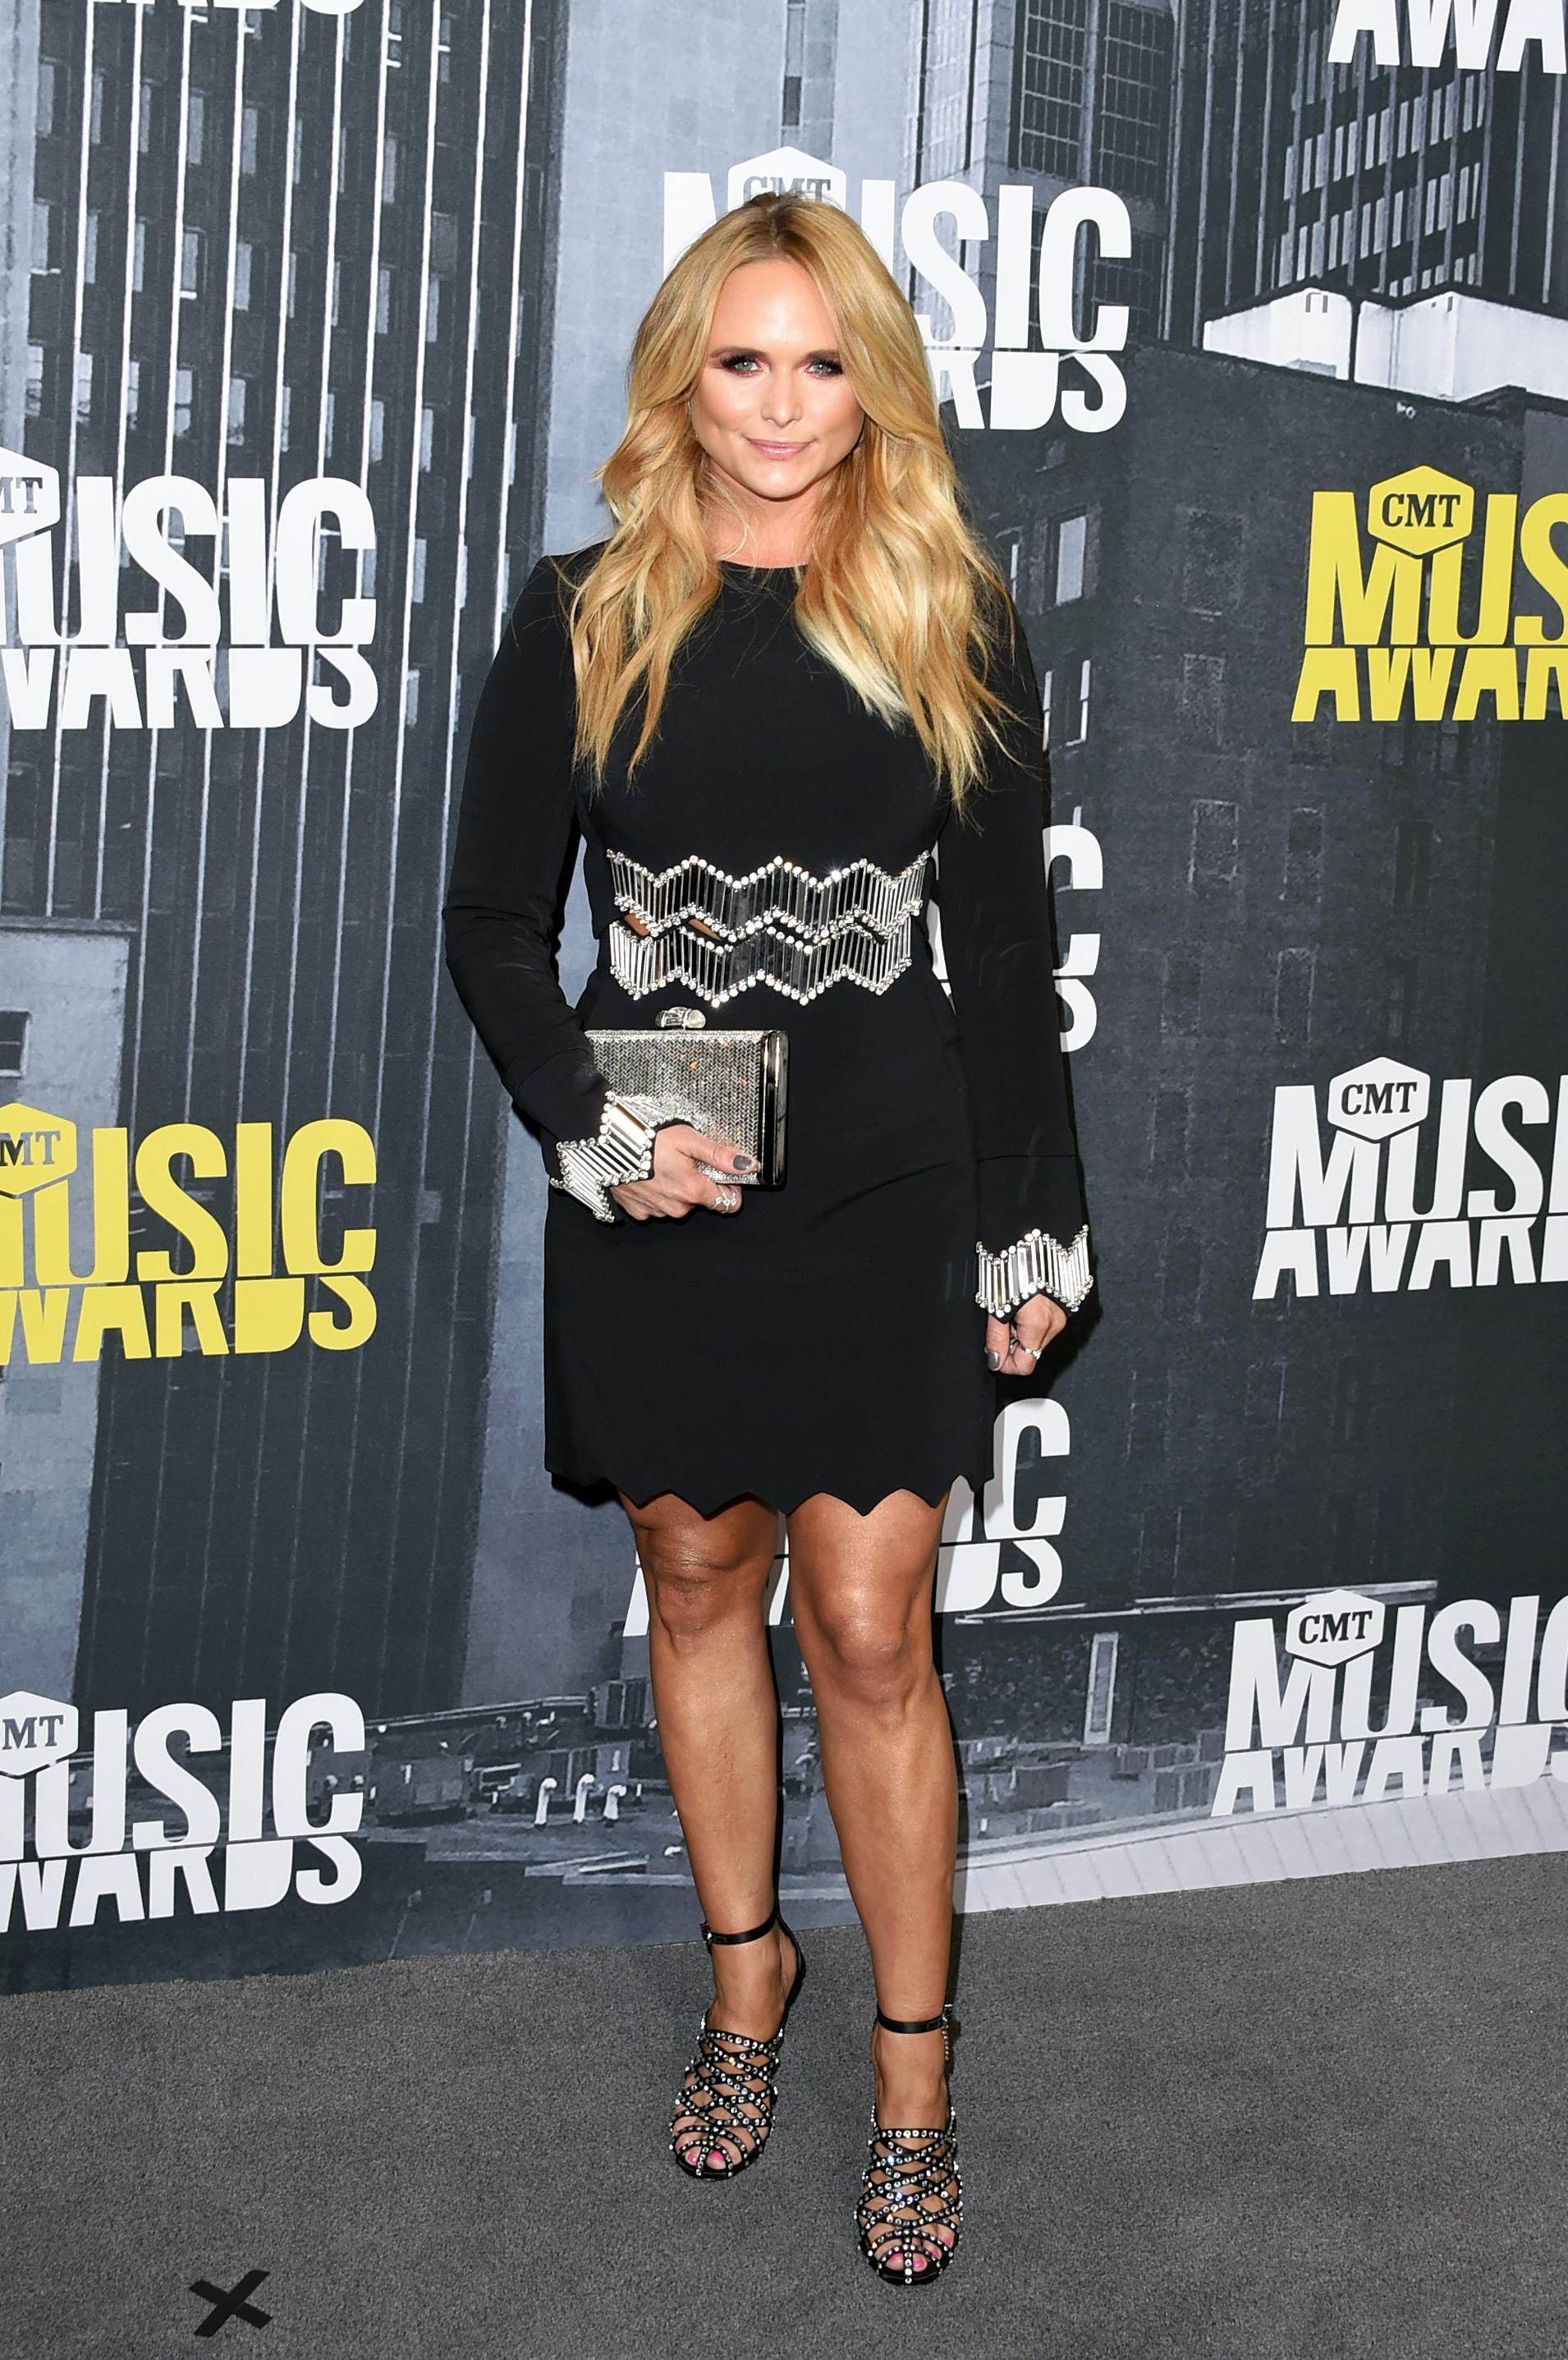 NASHVILLE, TN - JUNE 07: Singer-songwriter Miranda Lambert attends the 2017 CMT Music Awards at the Music City Center on June 7, 2017 in Nashville, Tennessee. (Photo by J. Merritt/FilmMagic)